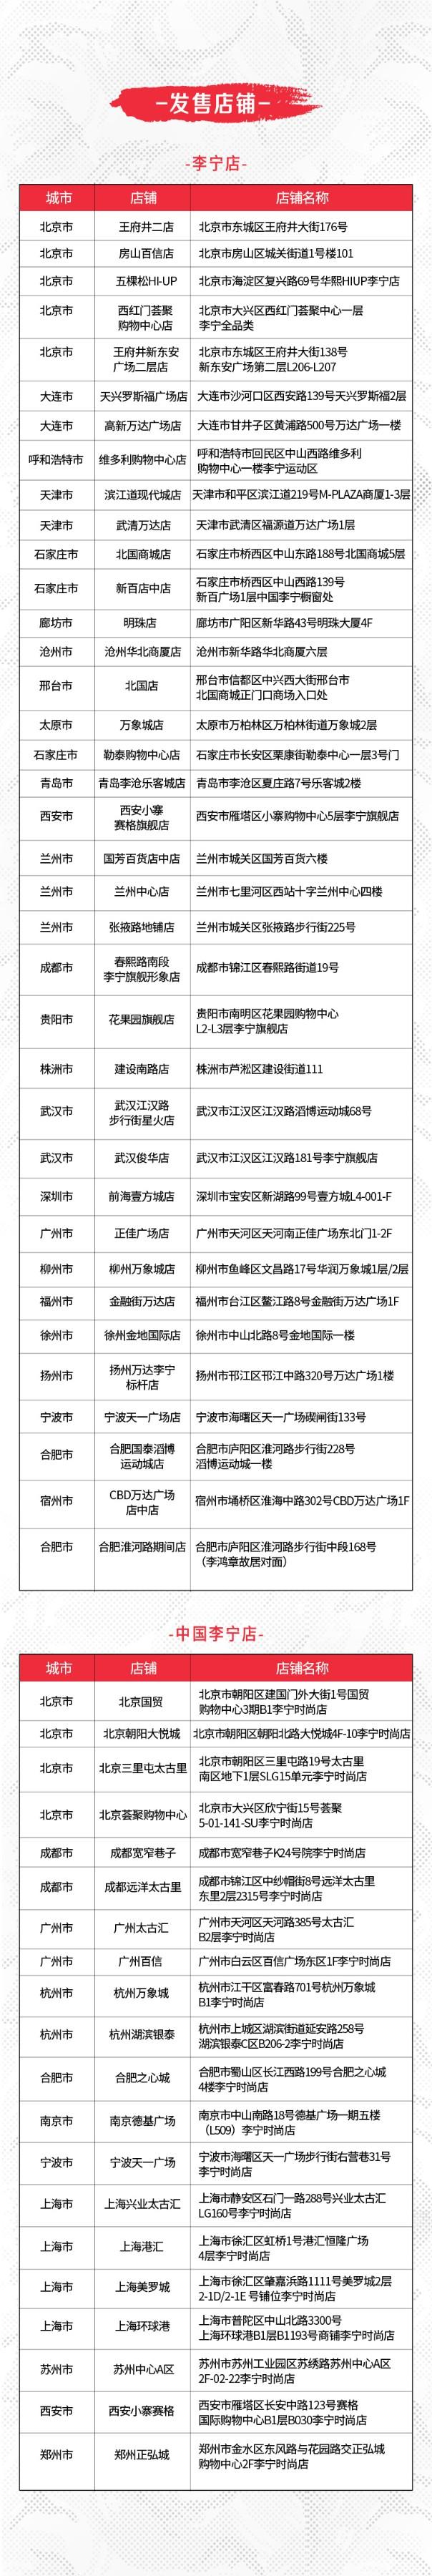 驭帅 14 䨻,李宁,AAPER  一口气出两双!驭帅 14 䨻 x AAPE 本周发售!速登记!